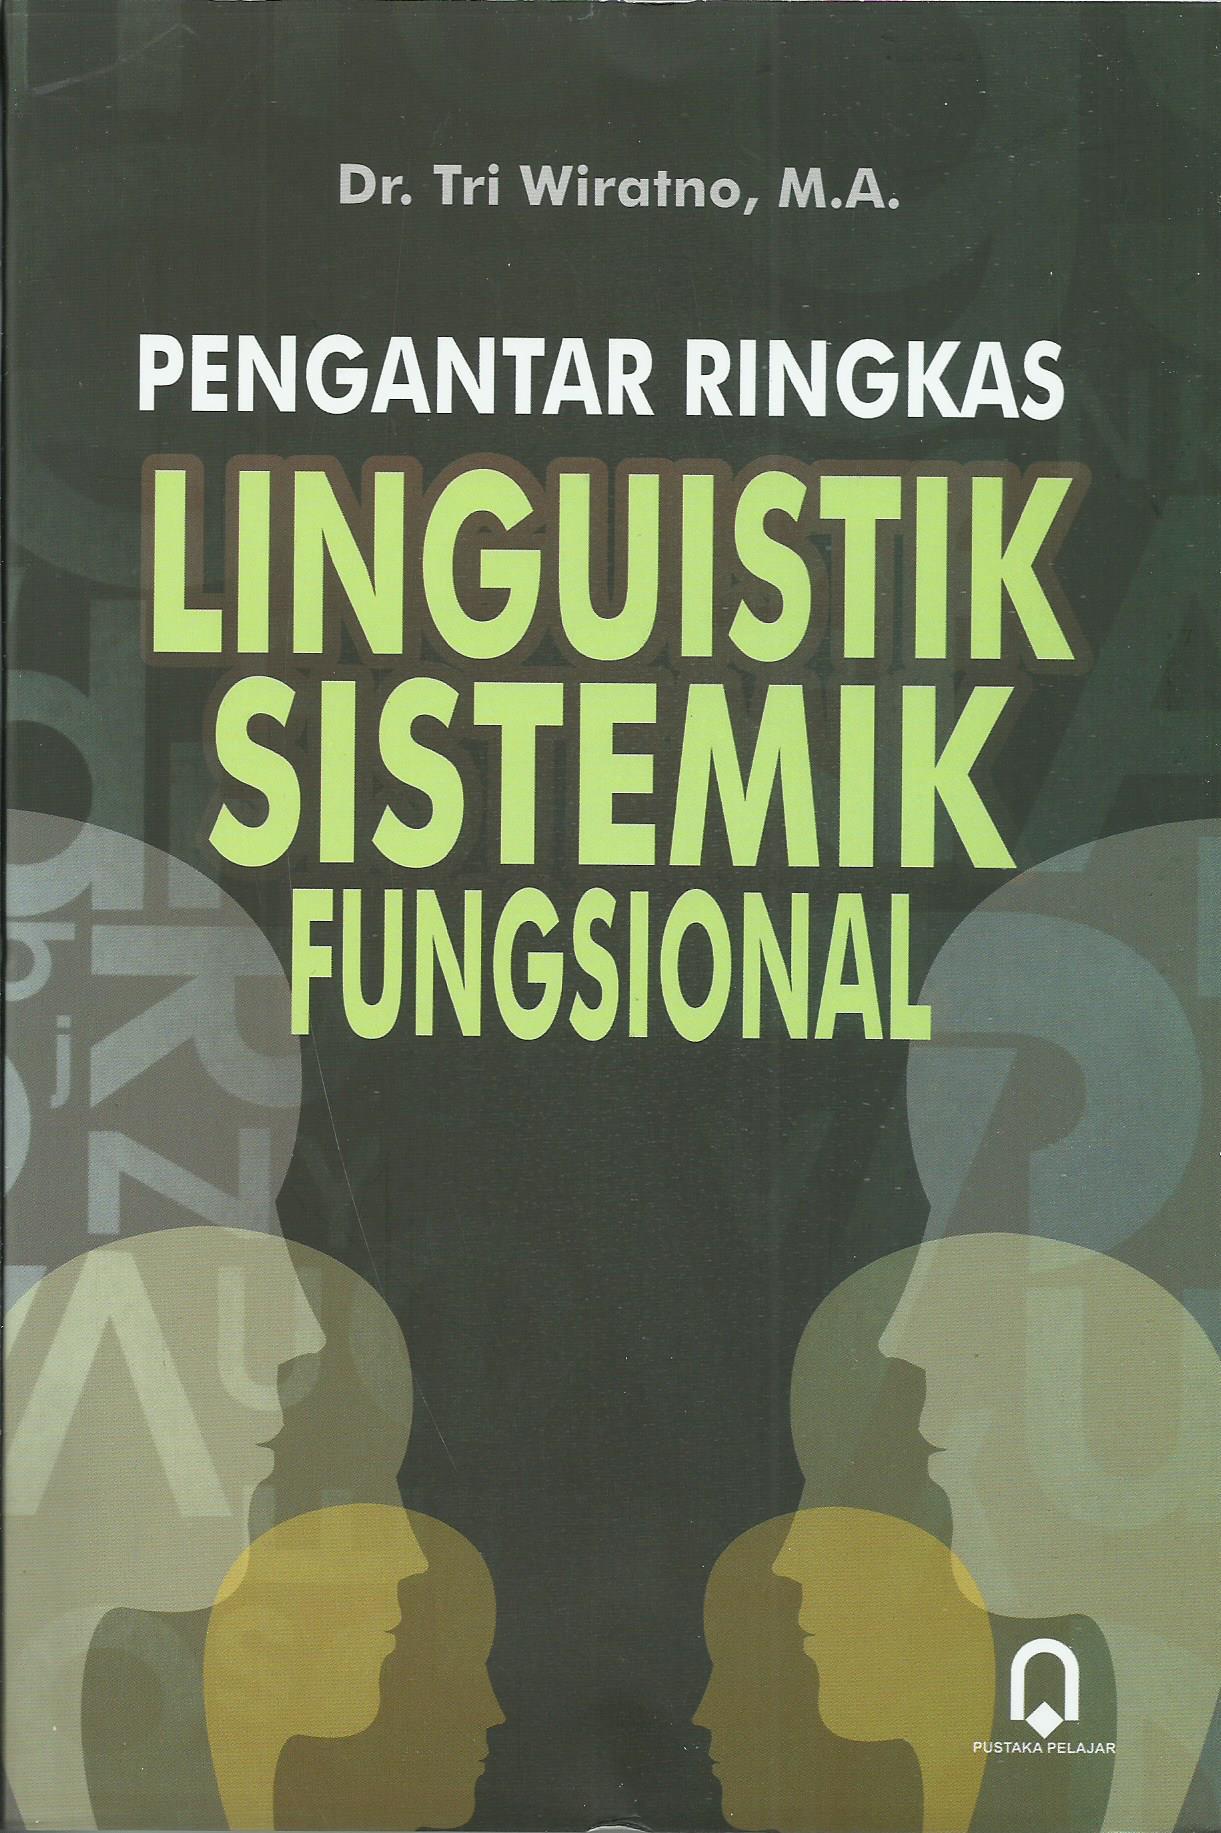 Pengantar Ringkas Linguistik Sistemik Fungsional